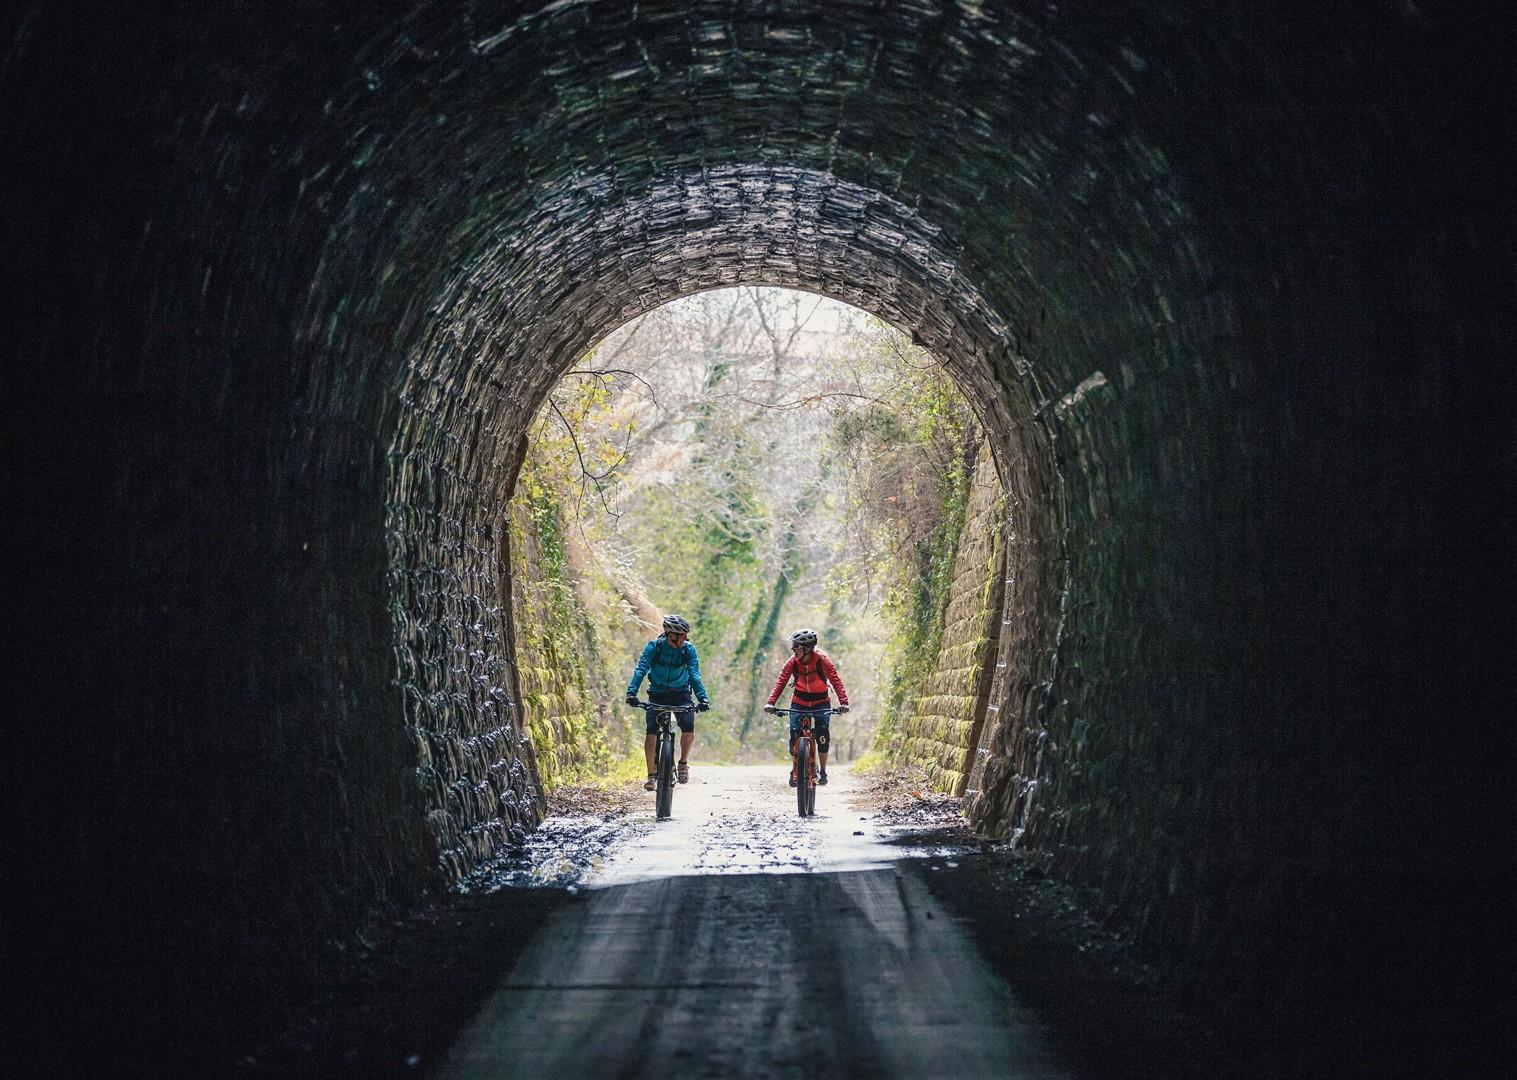 electric-mountain-bike-parenzana-croatia-biking-holiday-skedaddle.jpg - NEW! Croatia - Terra Magica - eMTB - Mountain Biking